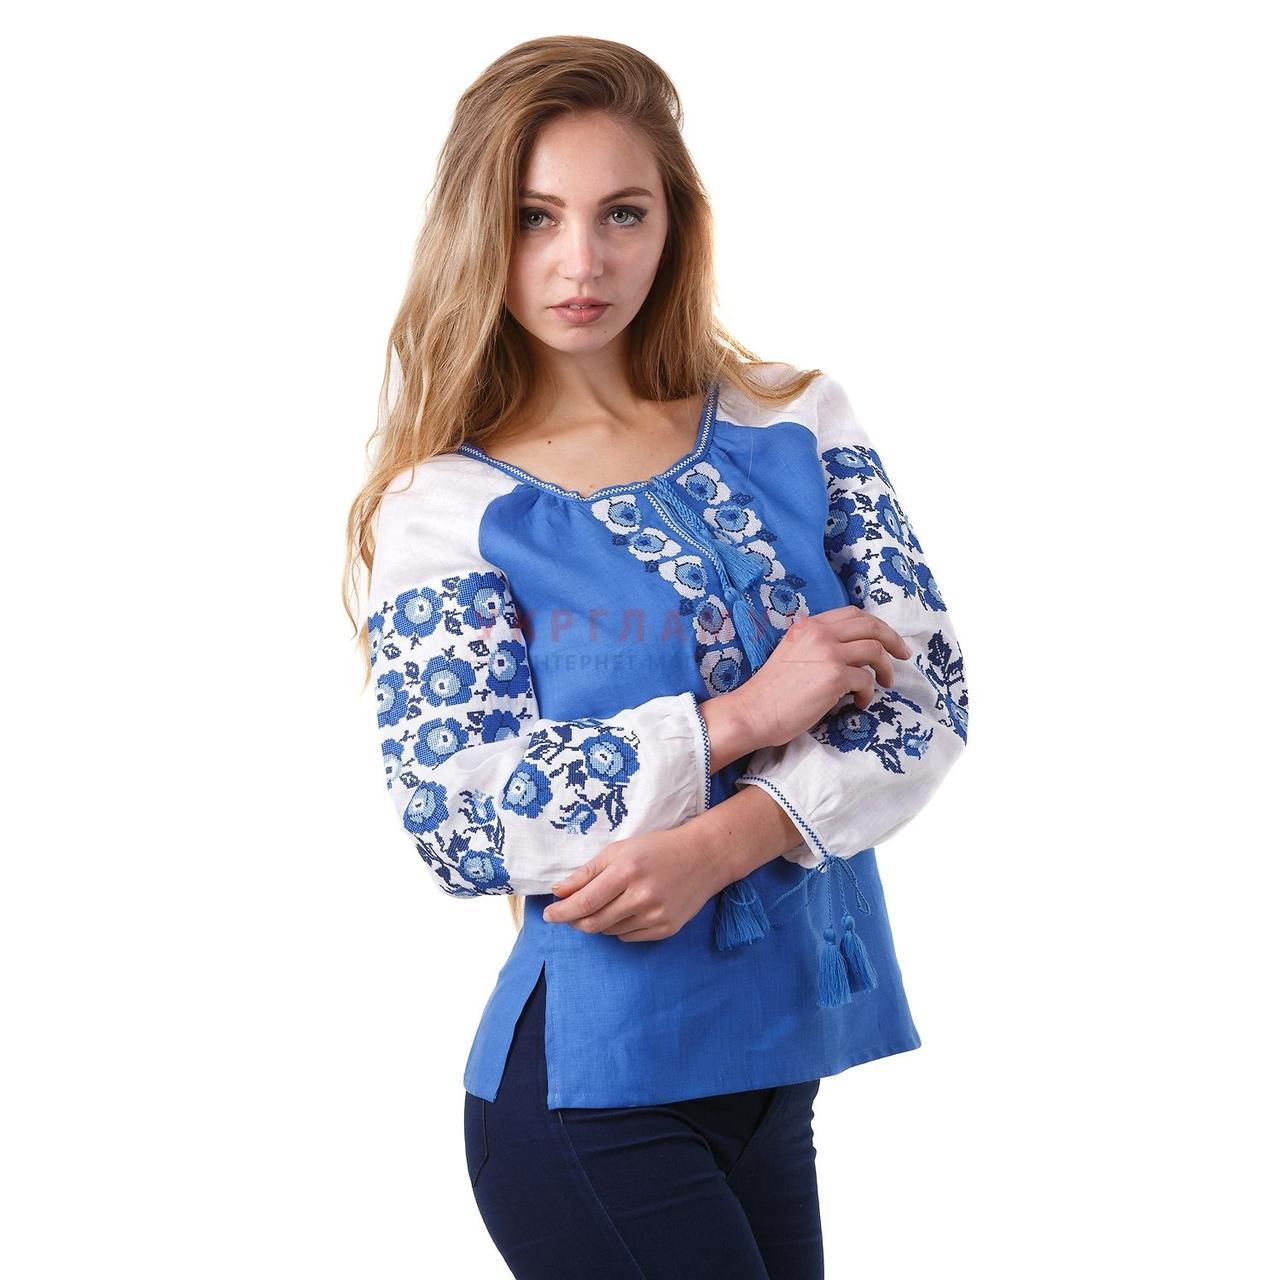 Вышитая женская дизайнерская блуза синяя с белыми цветами